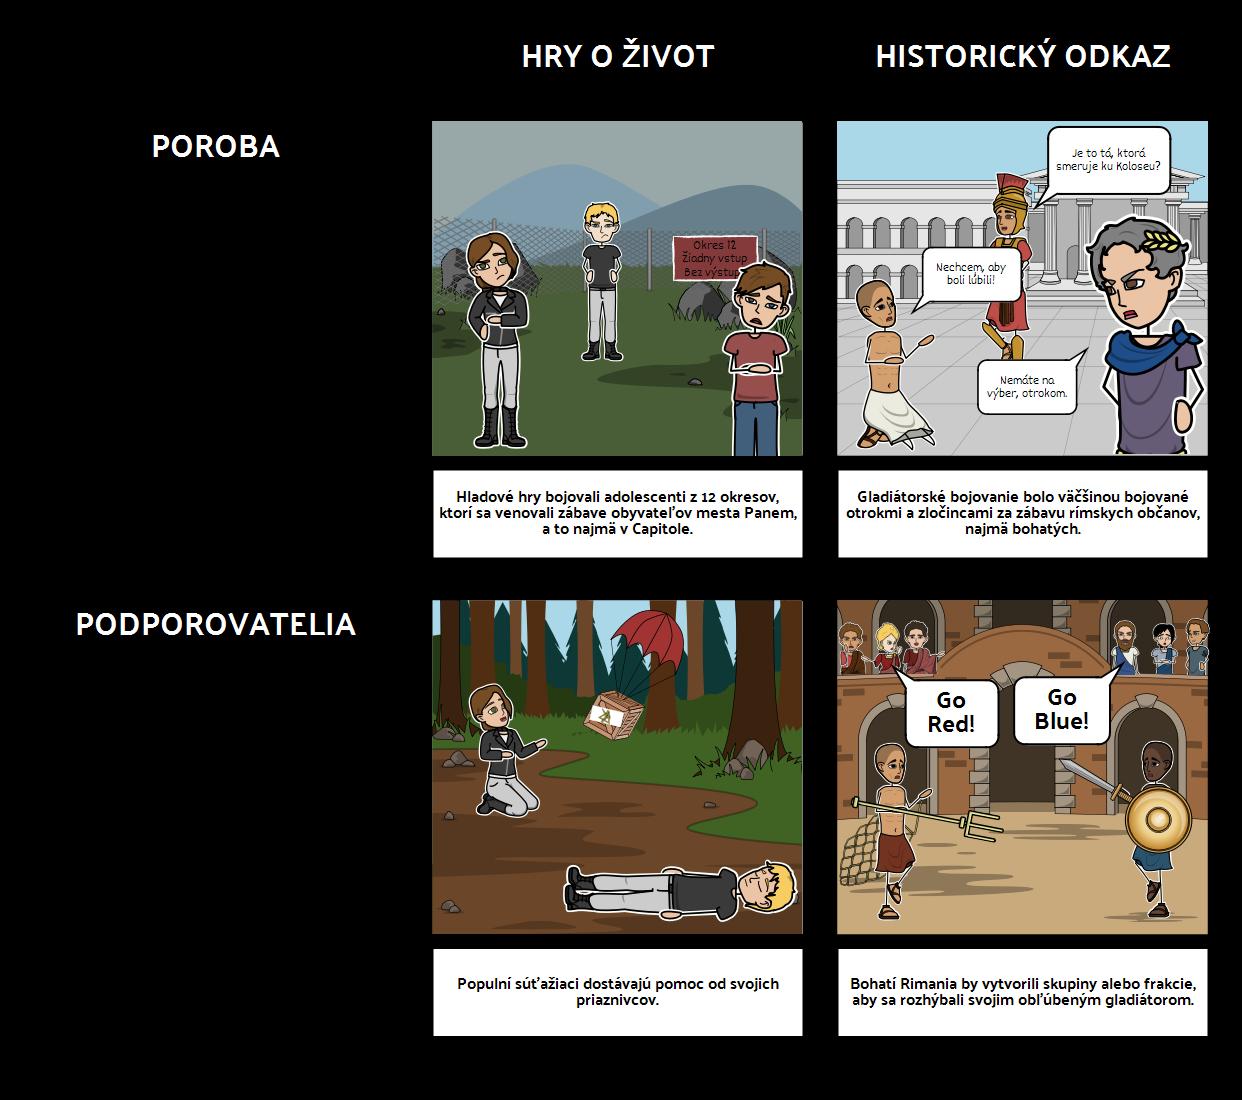 Výučba Hladu - Porovnanie s Históriou